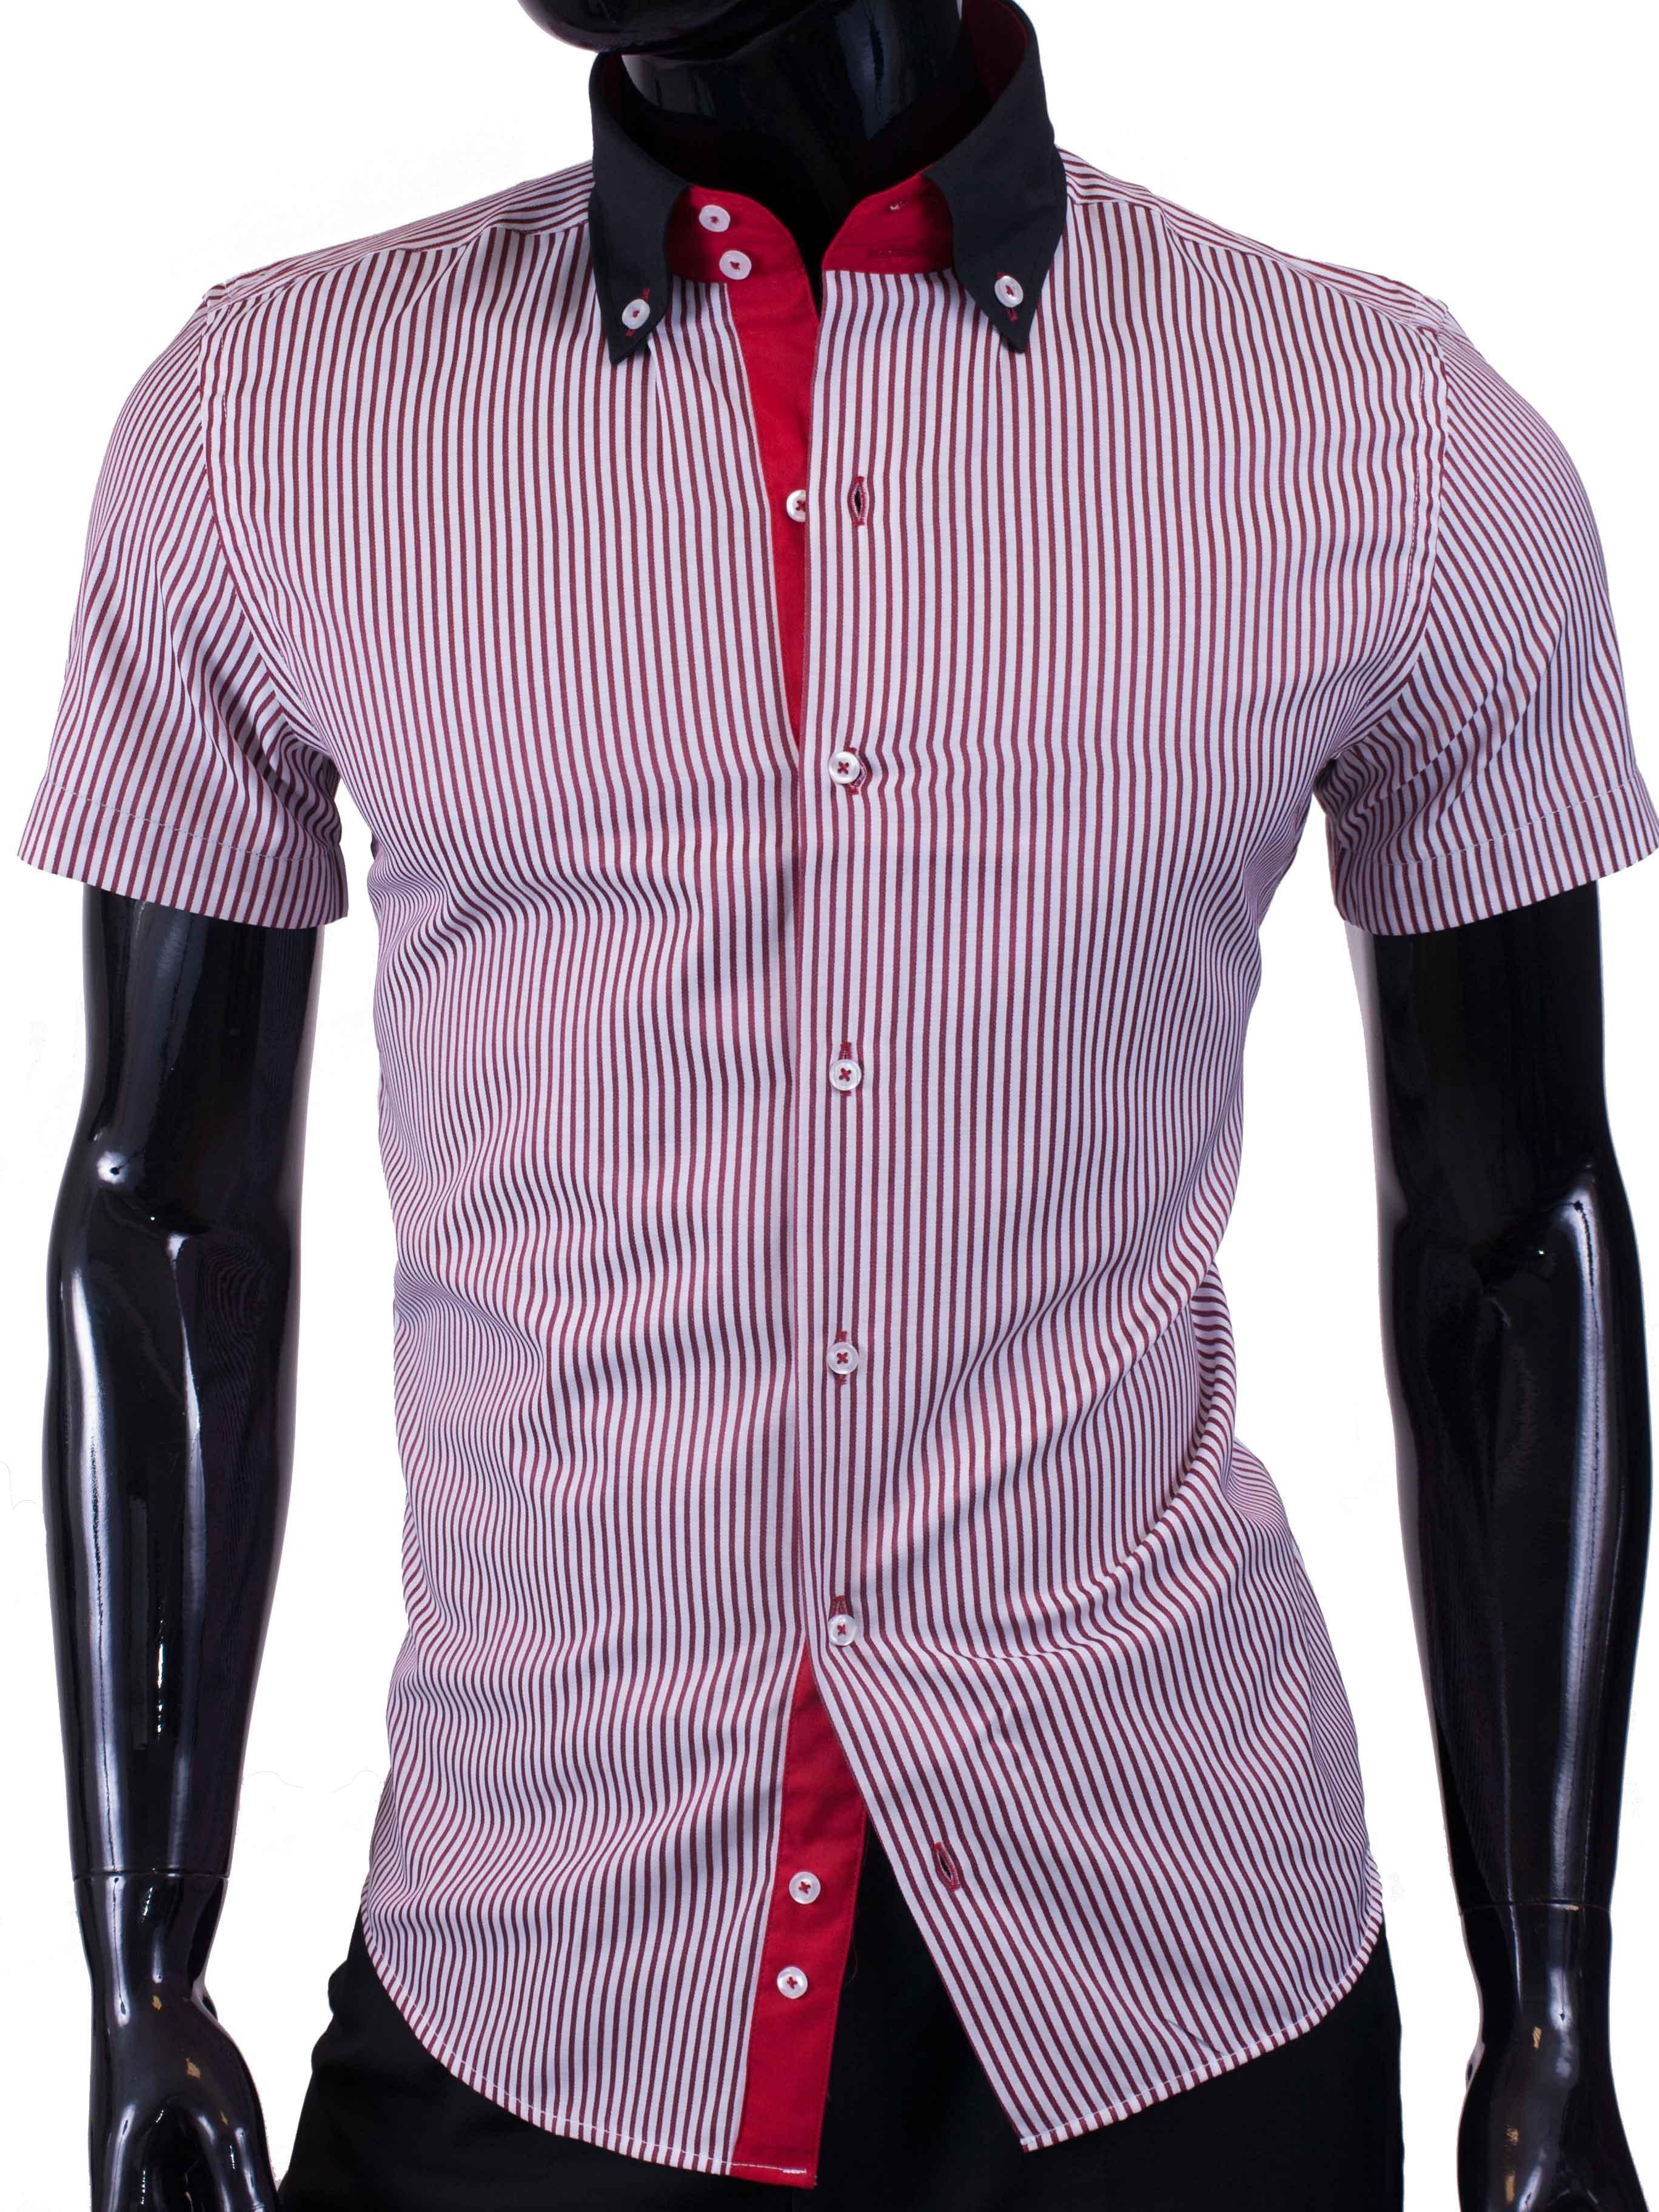 Pánská košile s krátkým rukávem proužkovaná červená